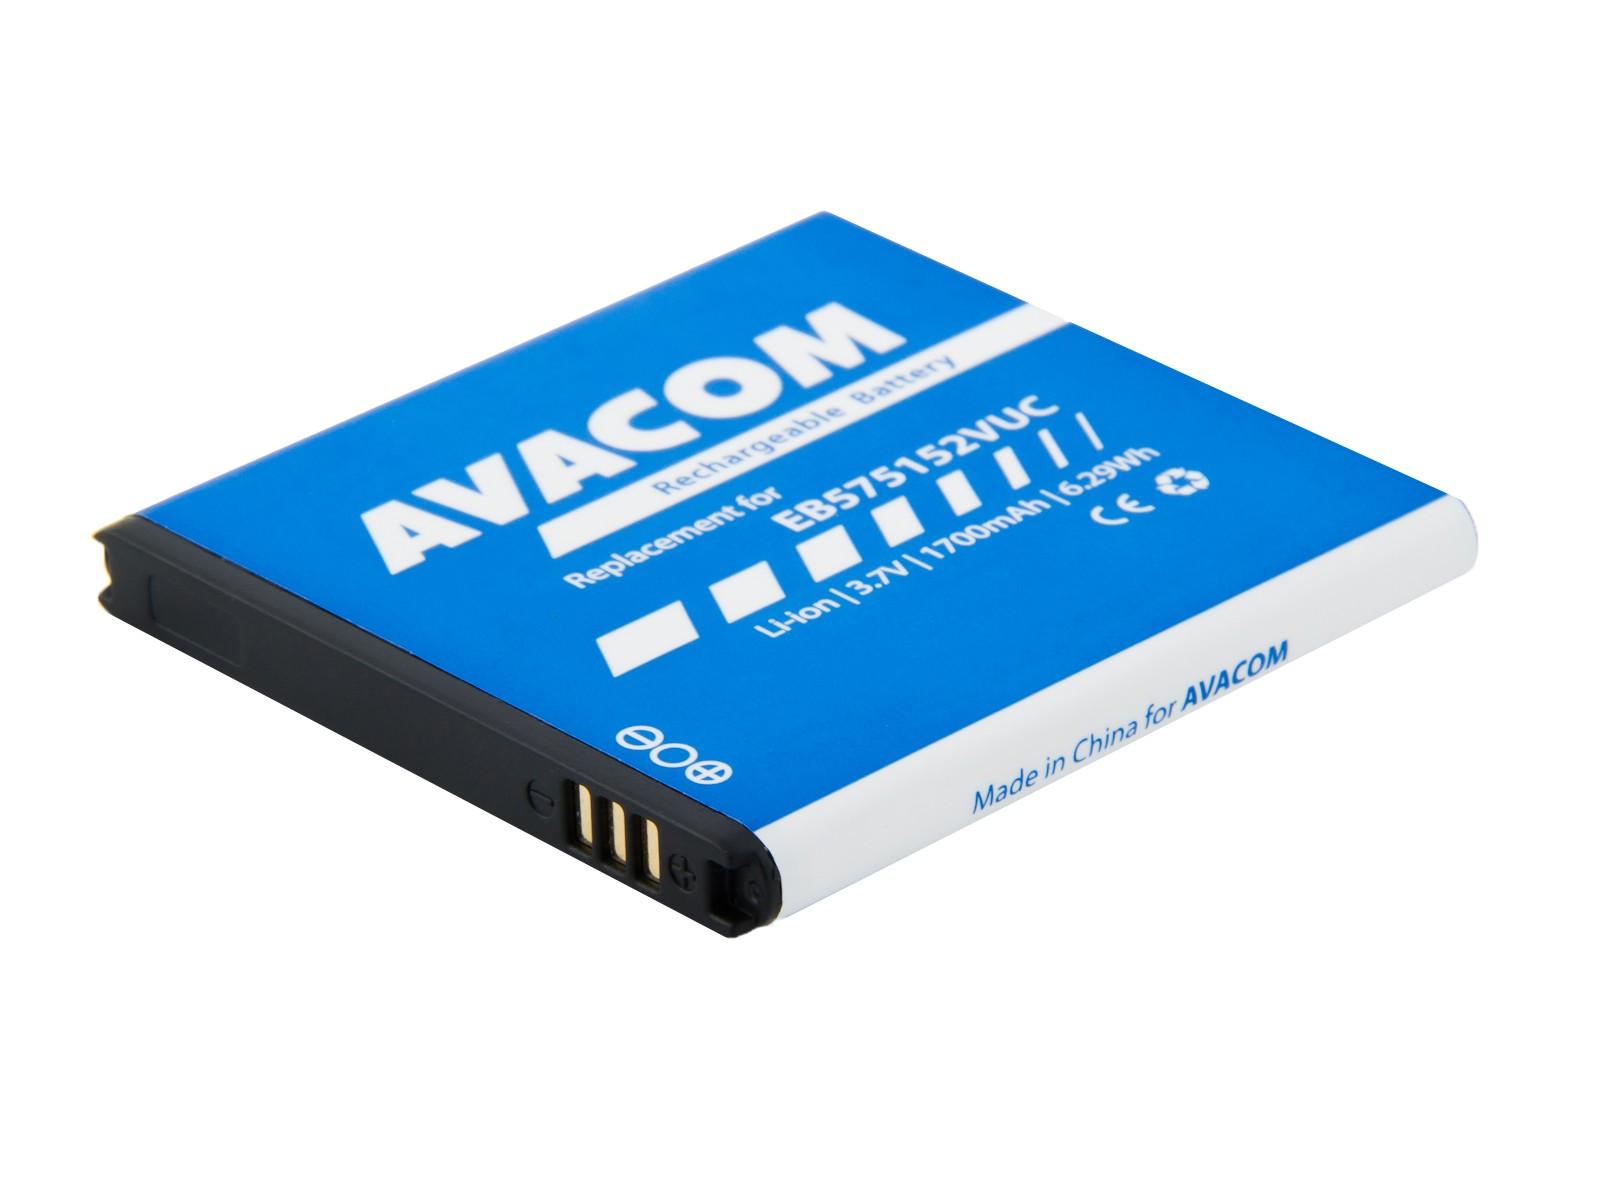 Baterie AVACOM GSSA-i9000-S1700A do mobilu Samsung S I9000 Galaxy S Li-Ion 3,7V 1700mAh - GSSA-i9000-S1700A